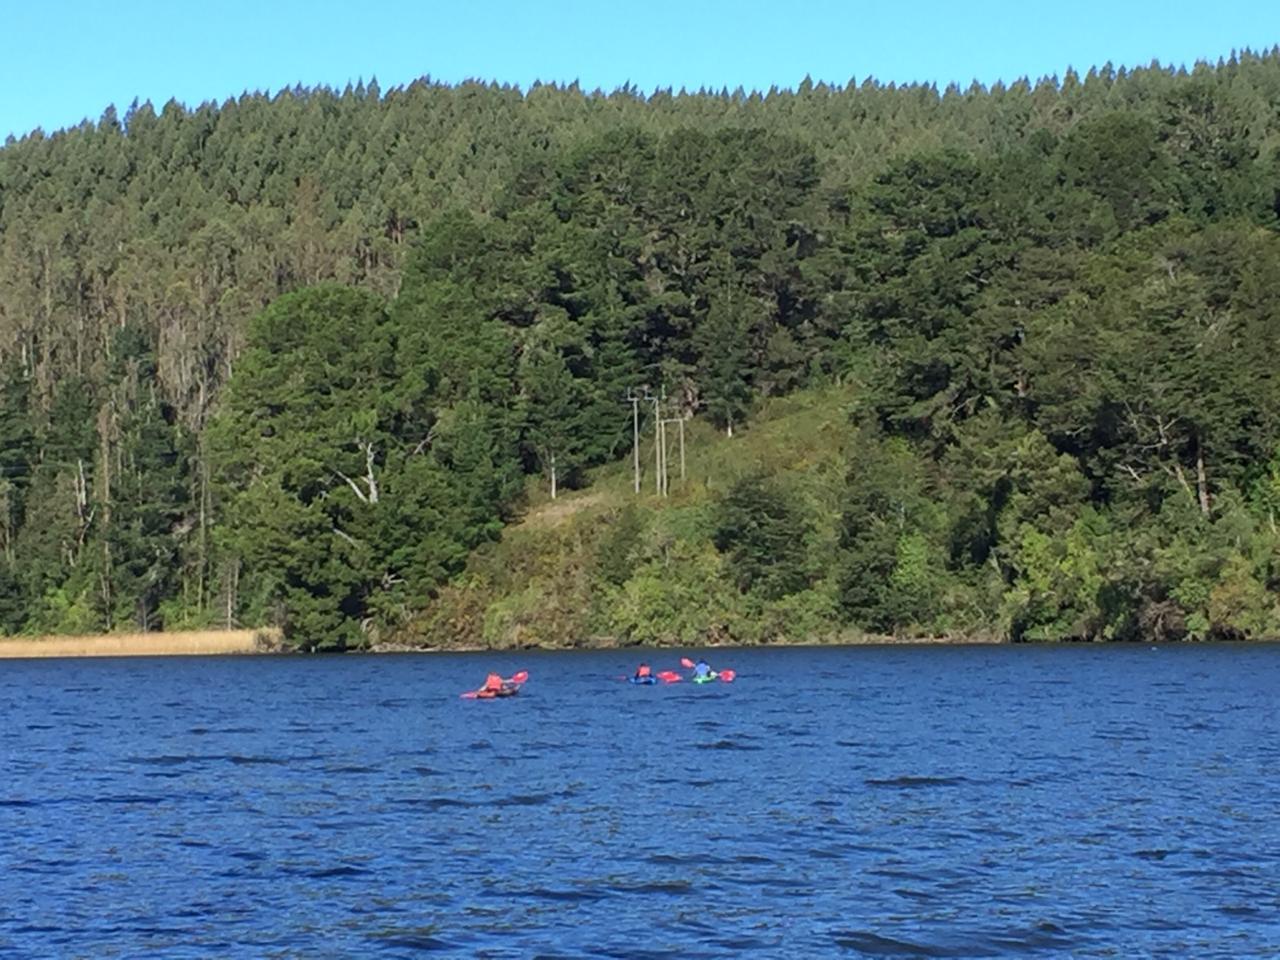 Imposible aguantarse - una vuelta por estos ríos y con este sol de invierno. En Río Vivo arrendamos los kayak y nos propusieron un lindísimo recorrido por los humedales del río Ancachilla